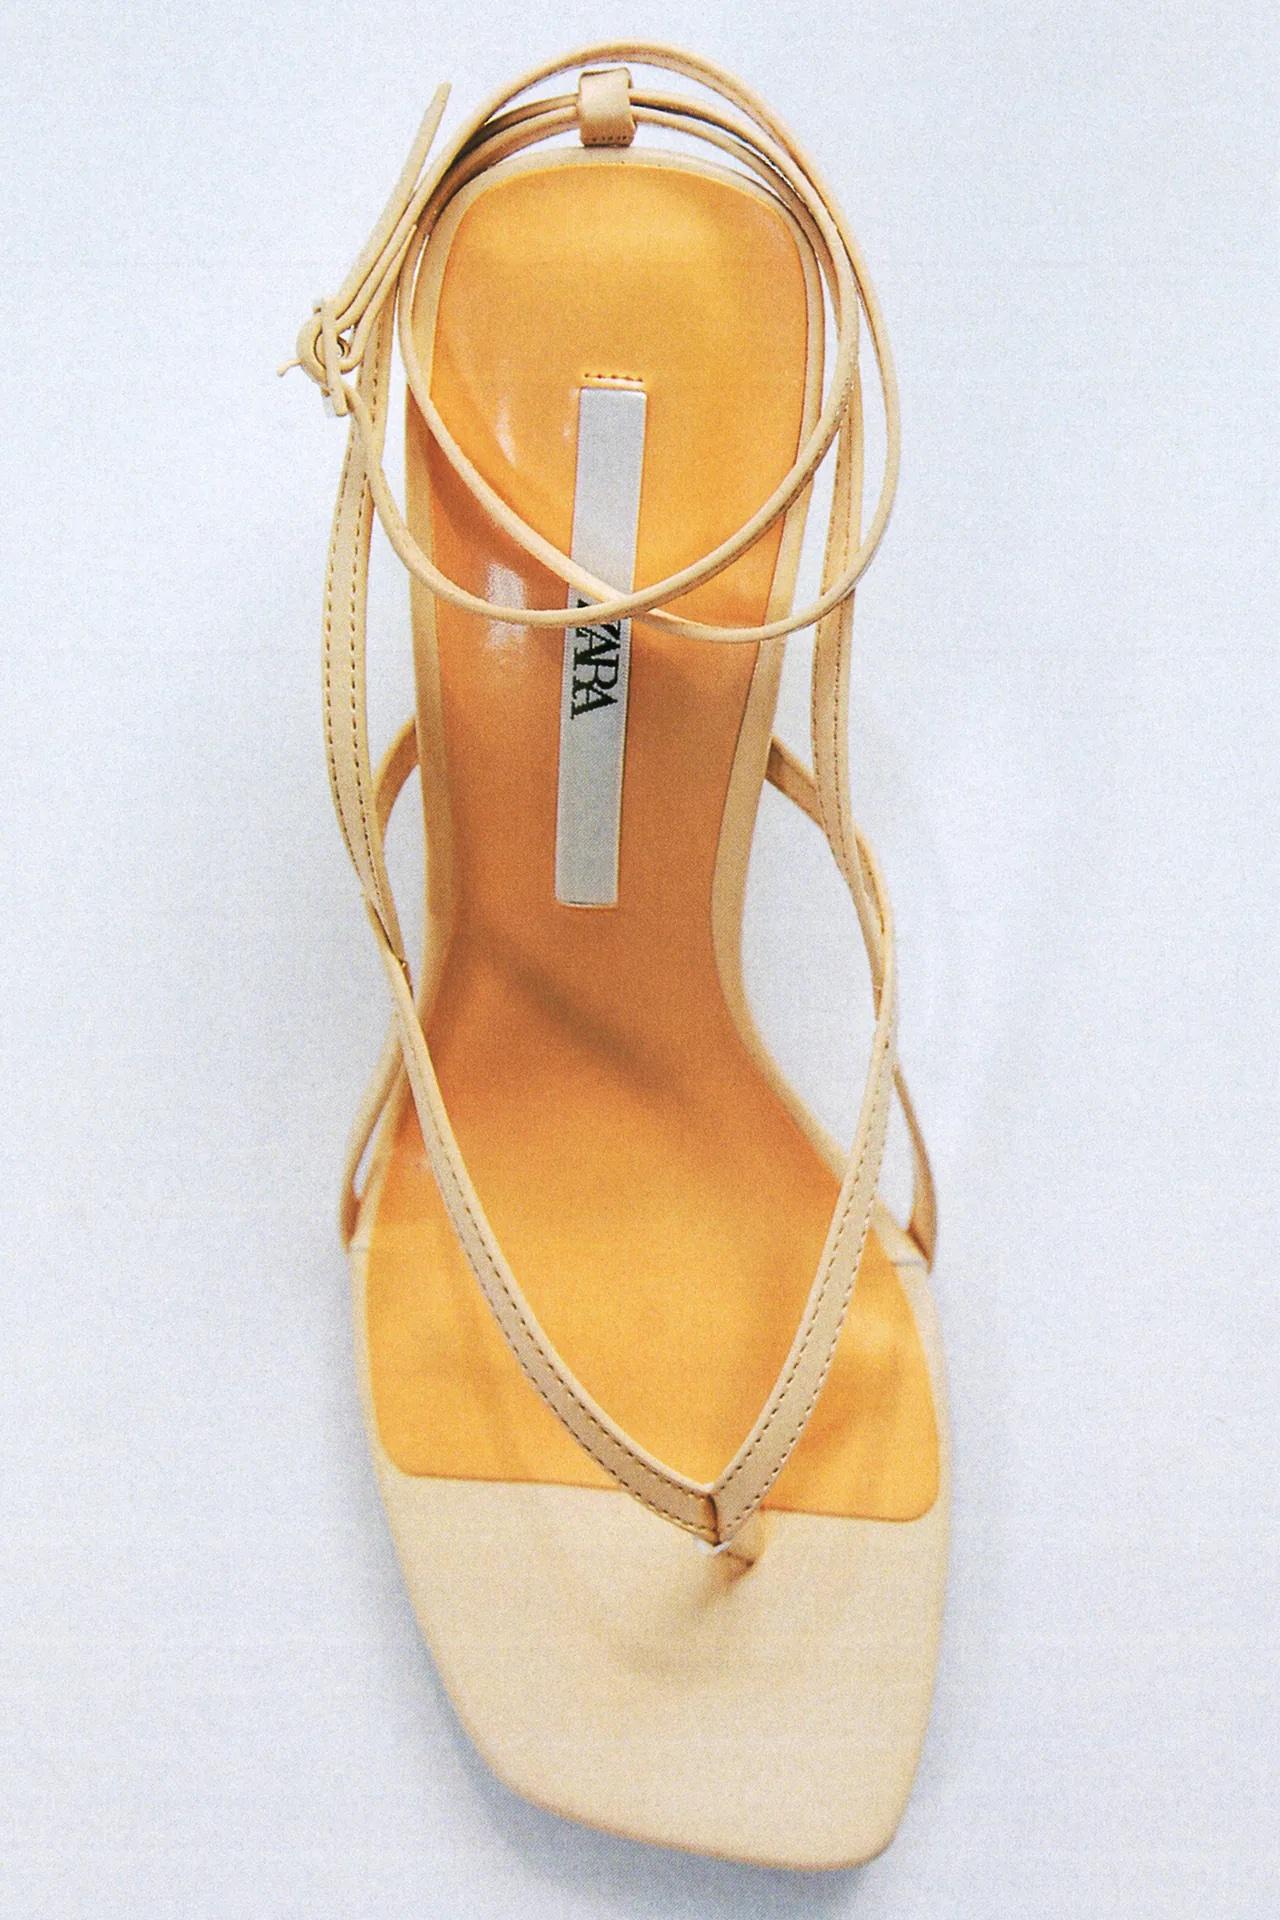 zara spring collection shoes